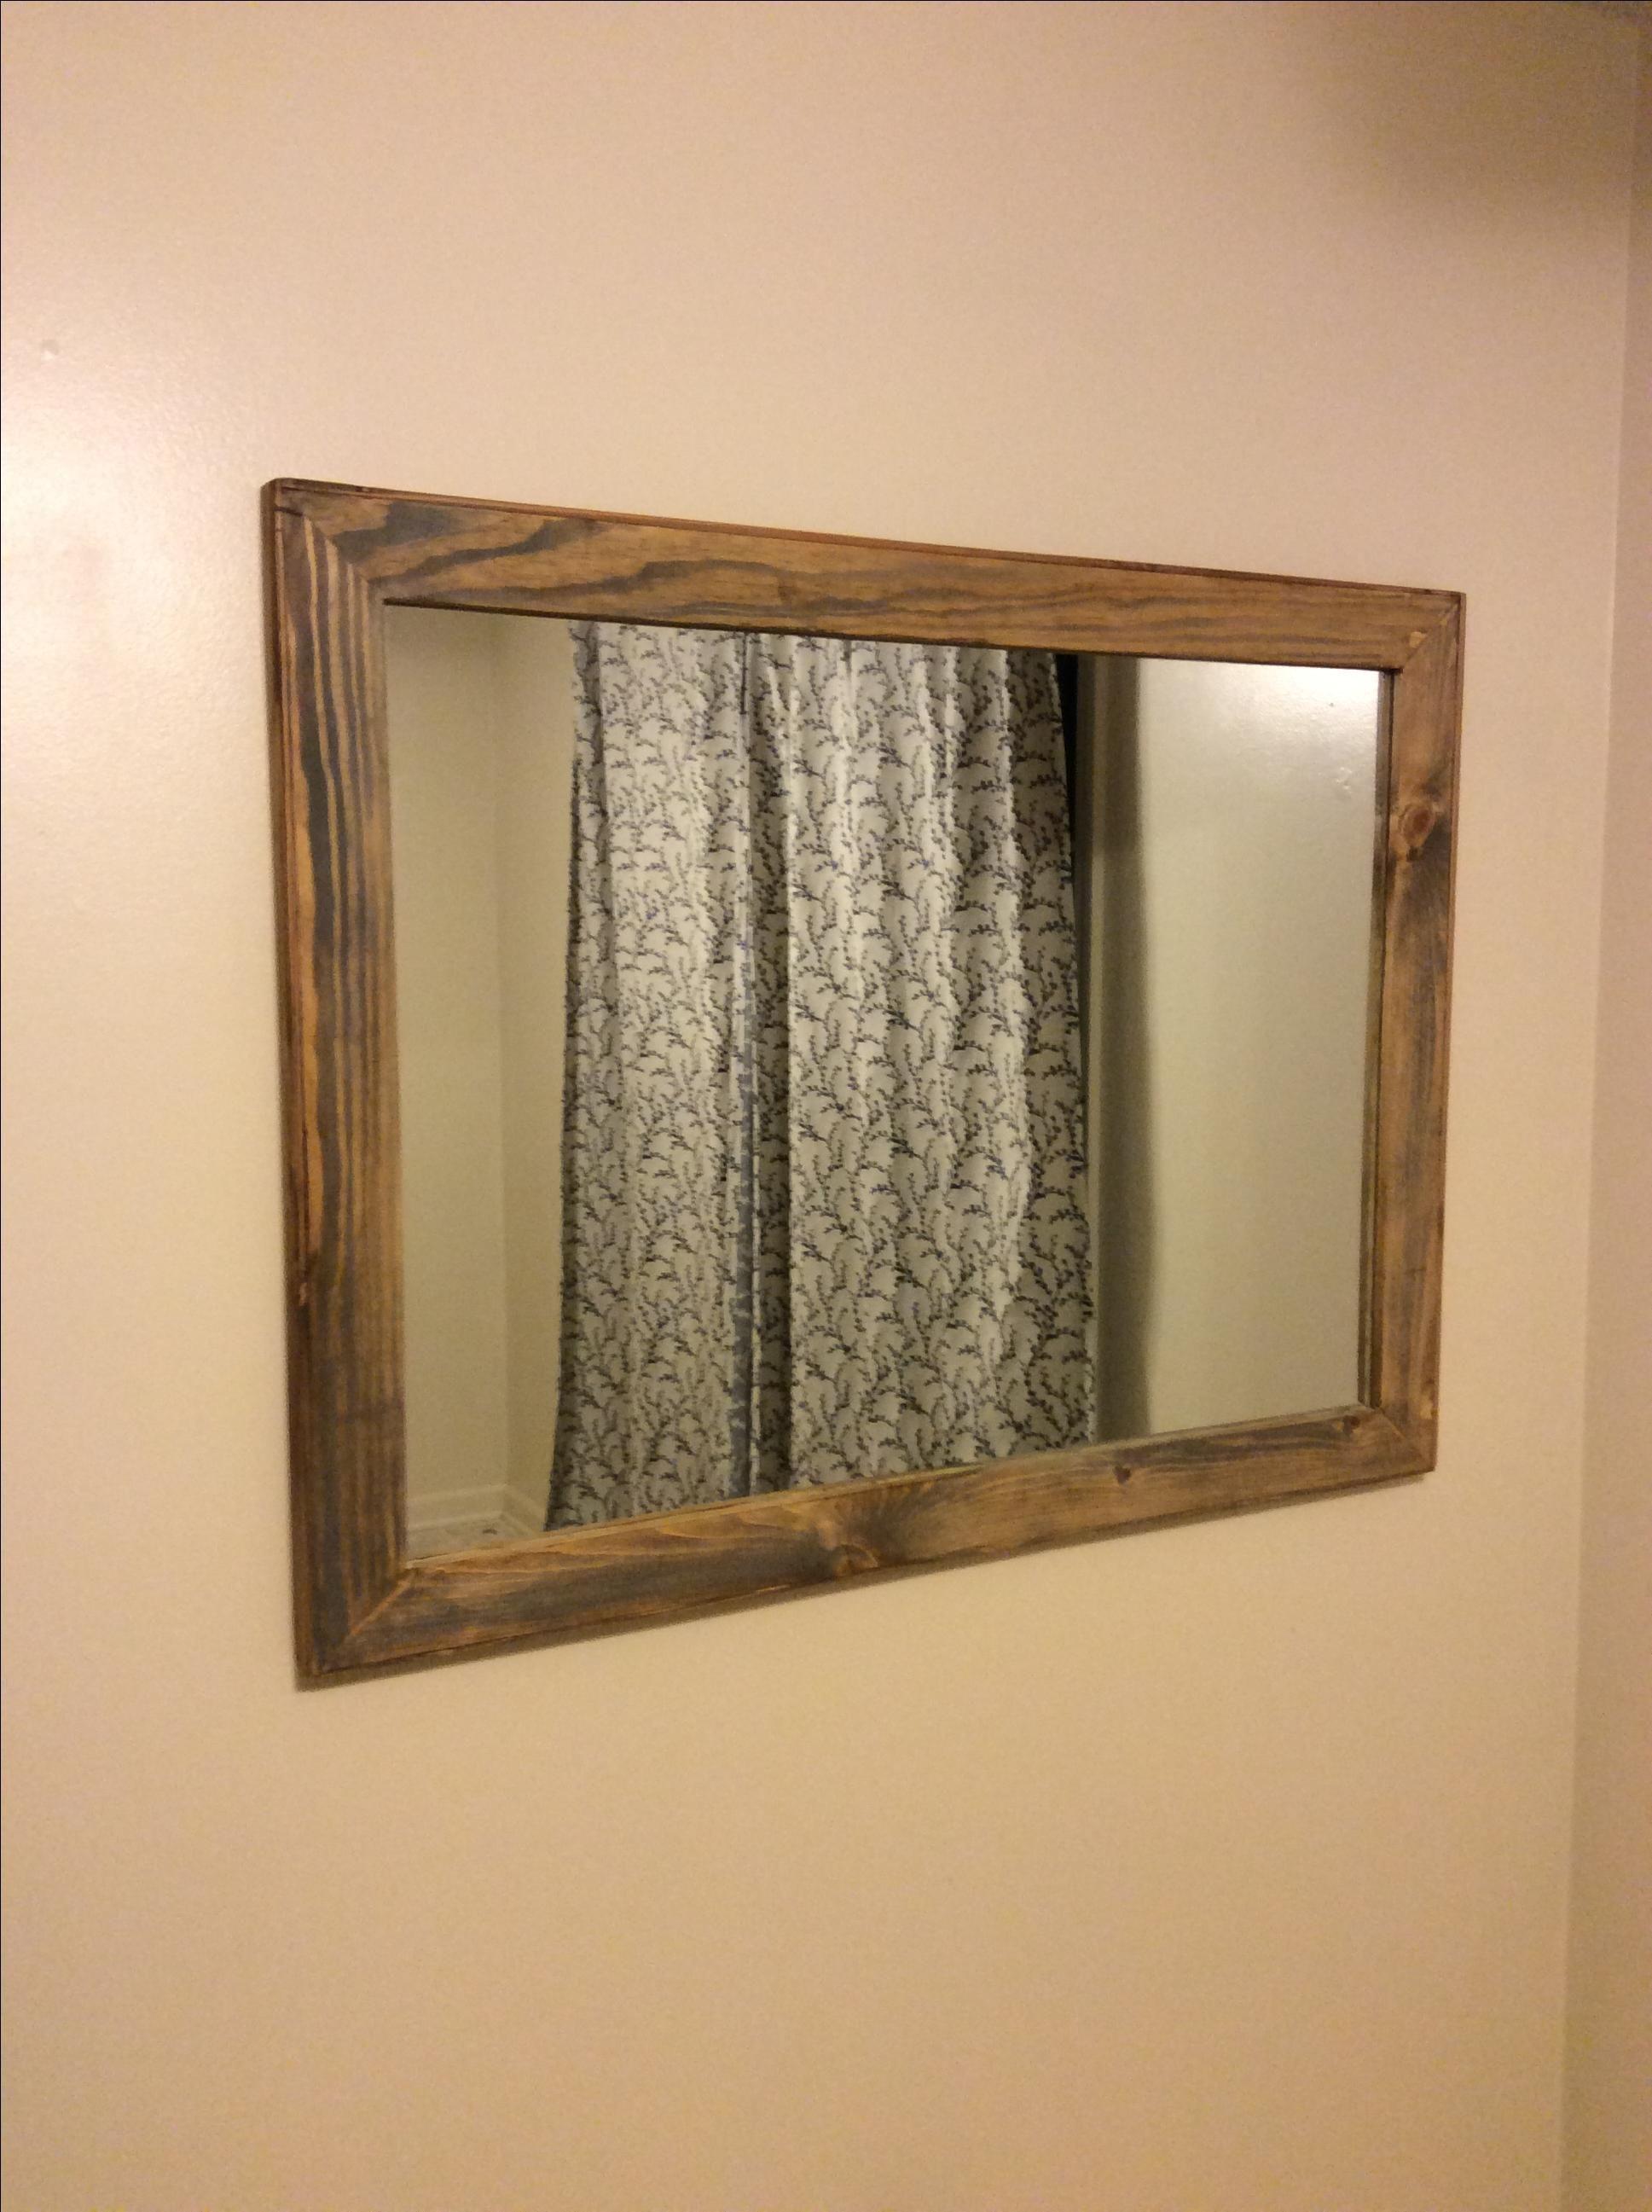 Custom Made Reclaimed Wood Vanity Mirror